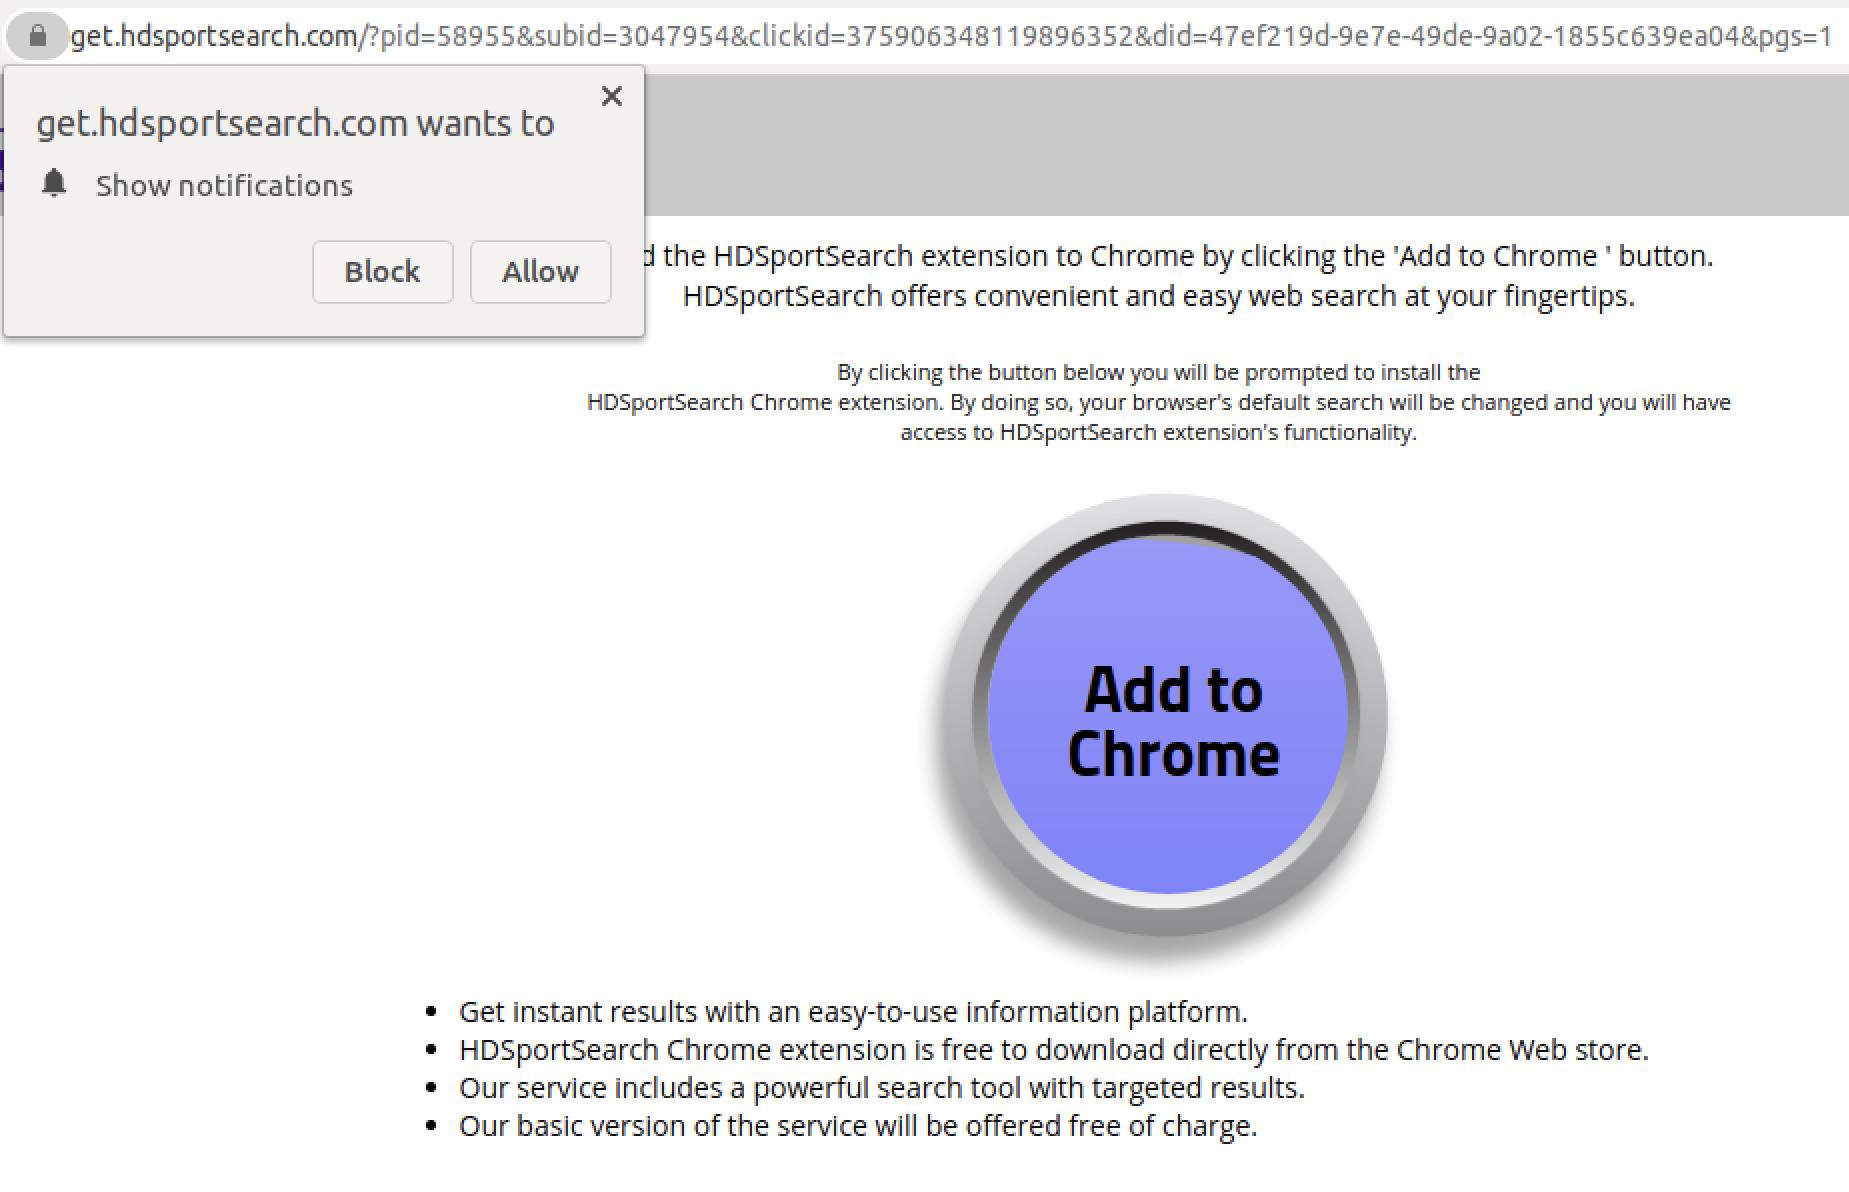 私たちが観測したPDFファイルで最も人気のあるフィッシングトレンドの1つであるCAPTCHAフィッシングのサンプルがこちら。ユーザーとの継続的な関係を確立しようとするWebページにつながることがある。ここに示す例では、ユーザーはプッシュ通知を許可してGoogle Chrome拡張機能をダウンロードするように求めるWebサイトに移動する